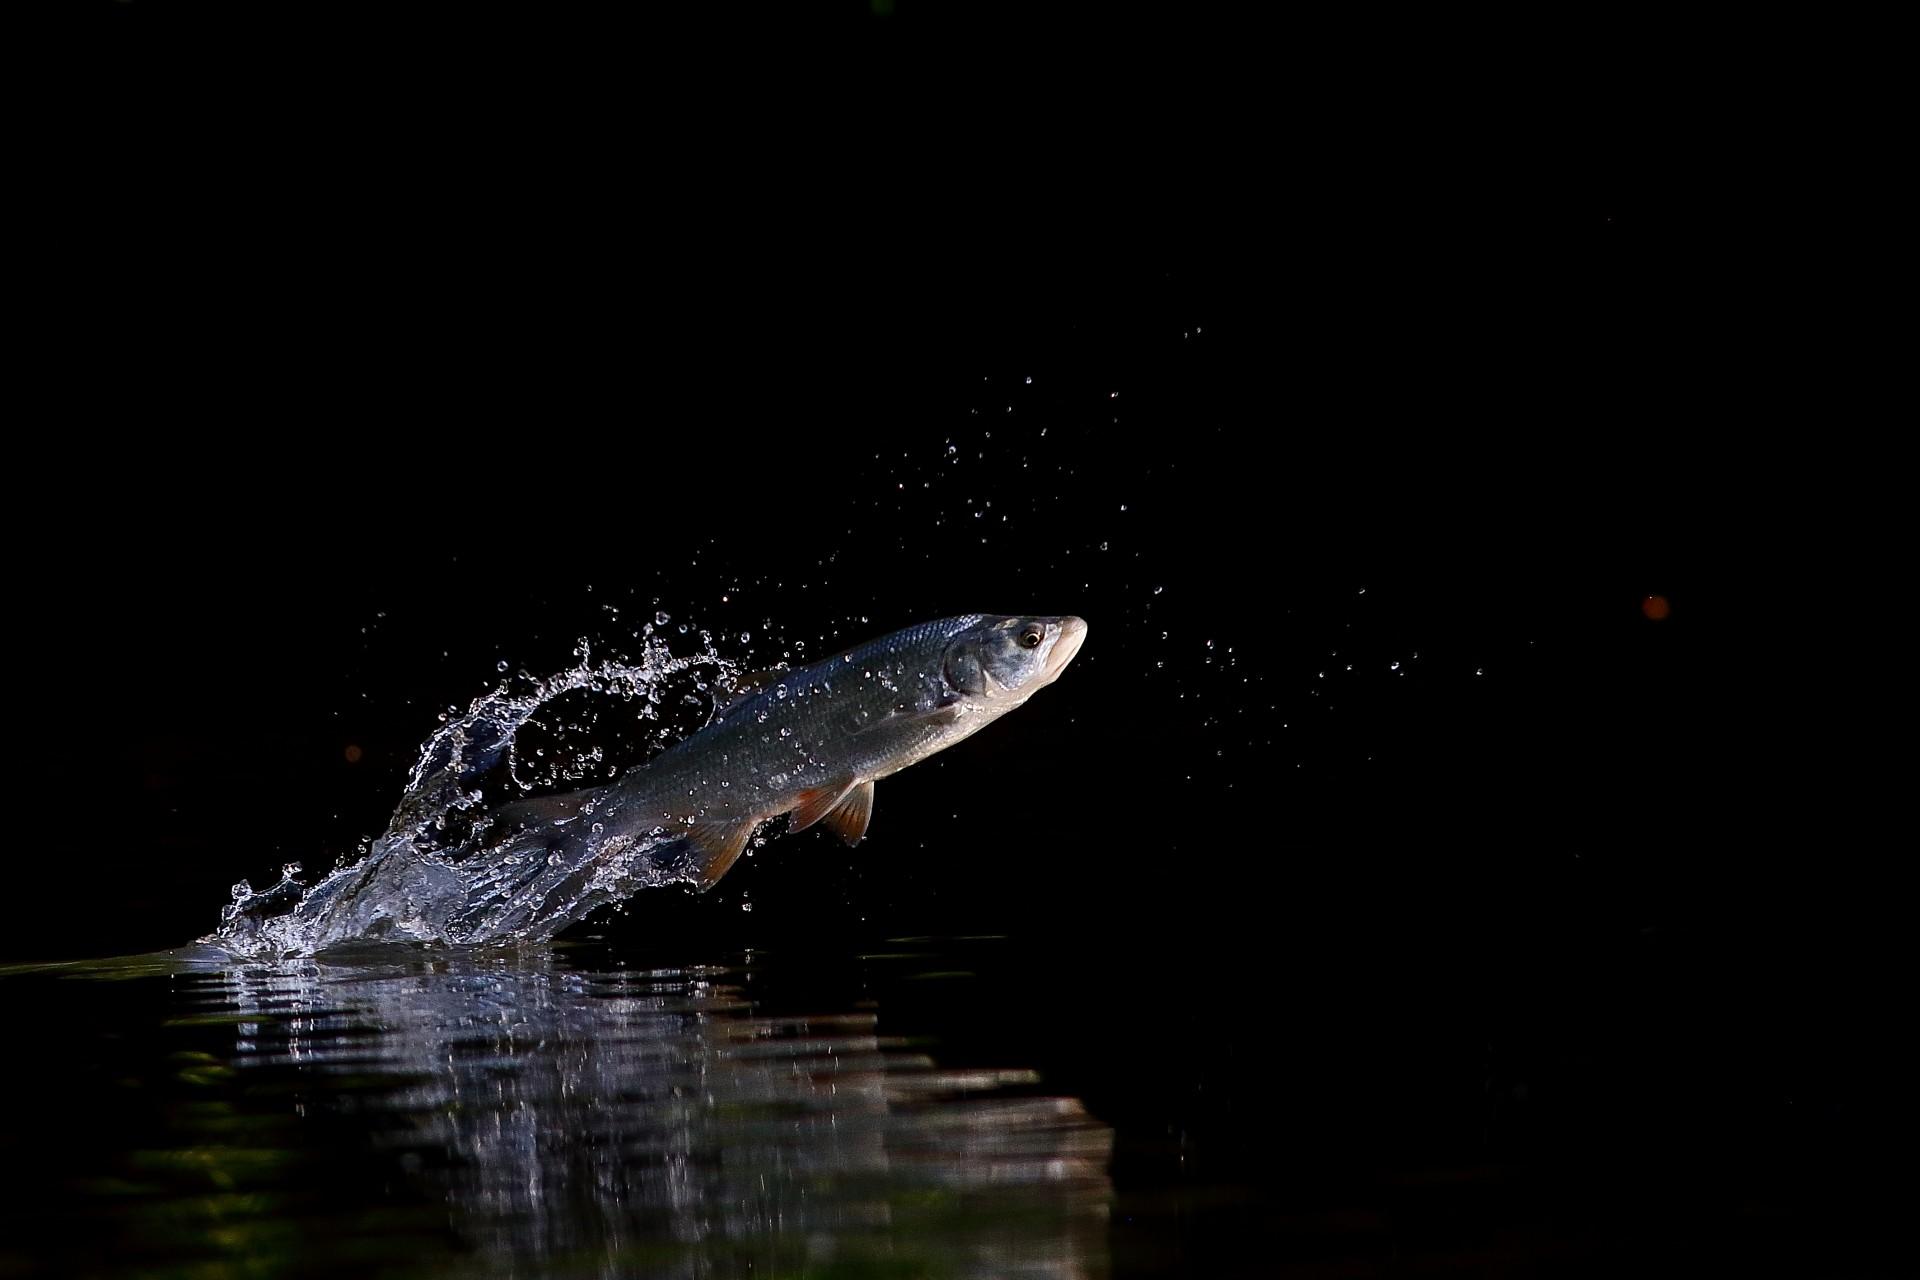 Fotó: Botos Éva: Kiugró formában<br />Kategória: Az állatok viselkedése<br />Helyezés: 1. díj<br /><br />Kérészekre vadászó balin ugrik ki a vízből tiszavirágzás idején a Tisza-tó térségében. A fotó sok évnyi megfigyelés, megannyi exponálás és némi szerencse eredménye. Állvány nélkül, kézből fotózva.